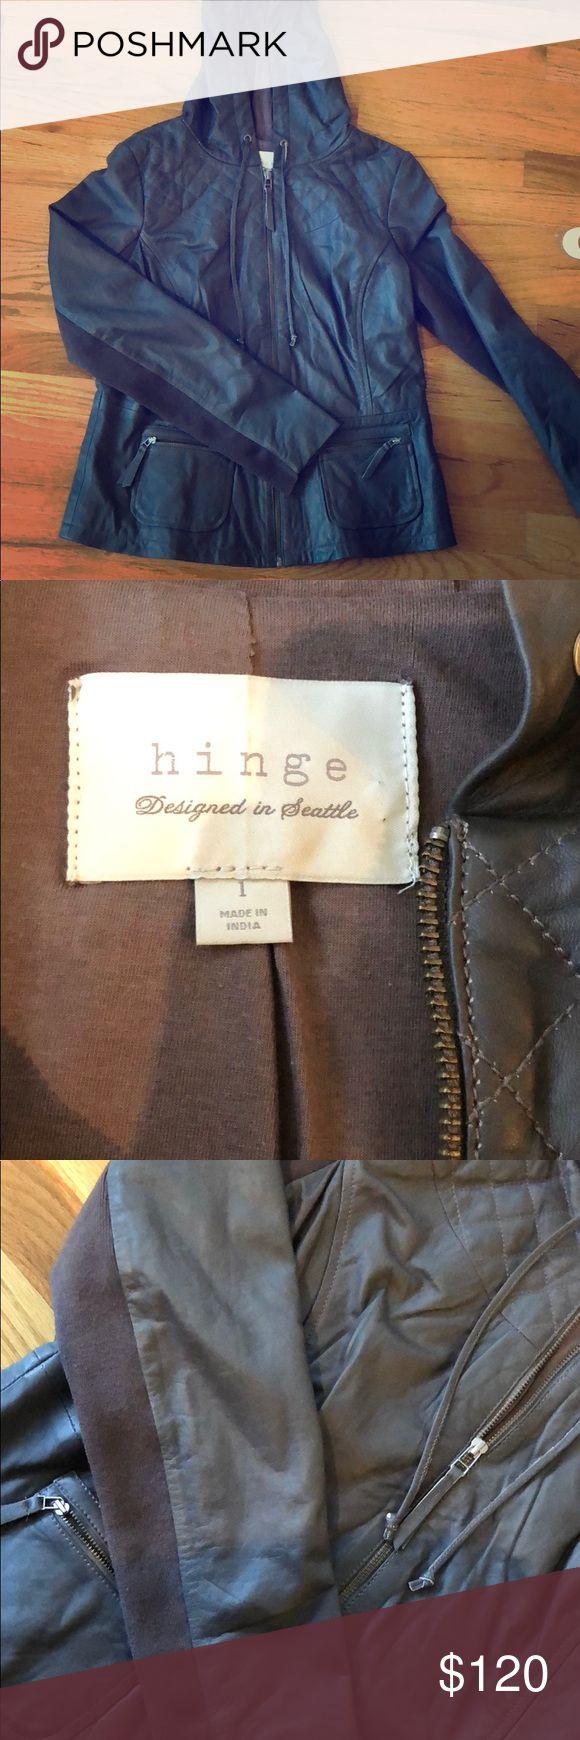 Hinge (Nordstrom) Leather jacket worn twice! Hinge brown